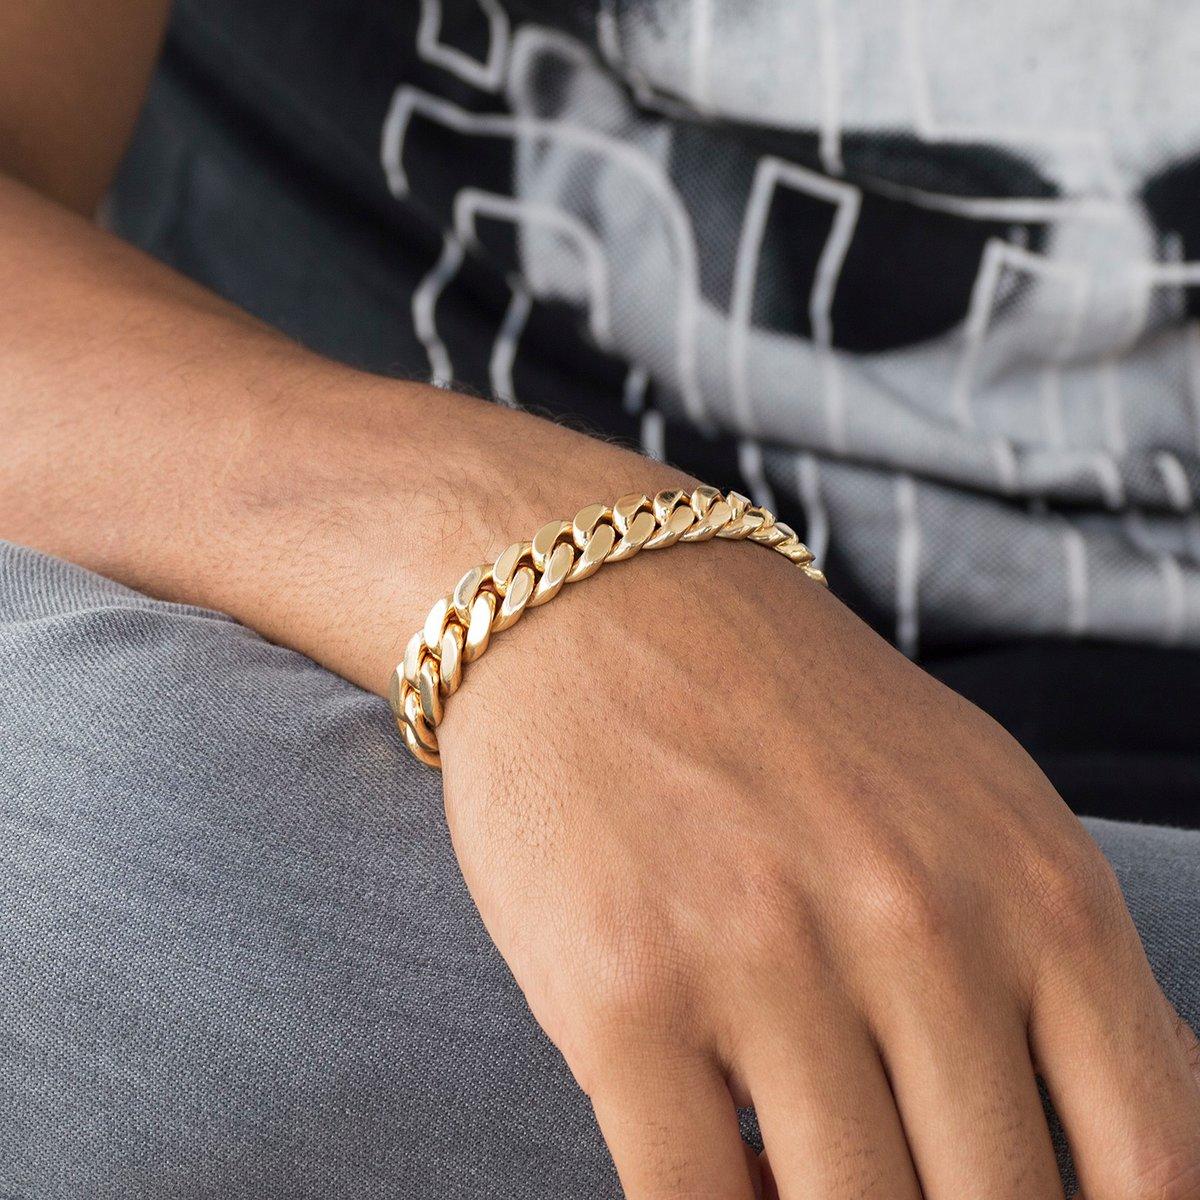 мужские браслеты из золота на руку фото том